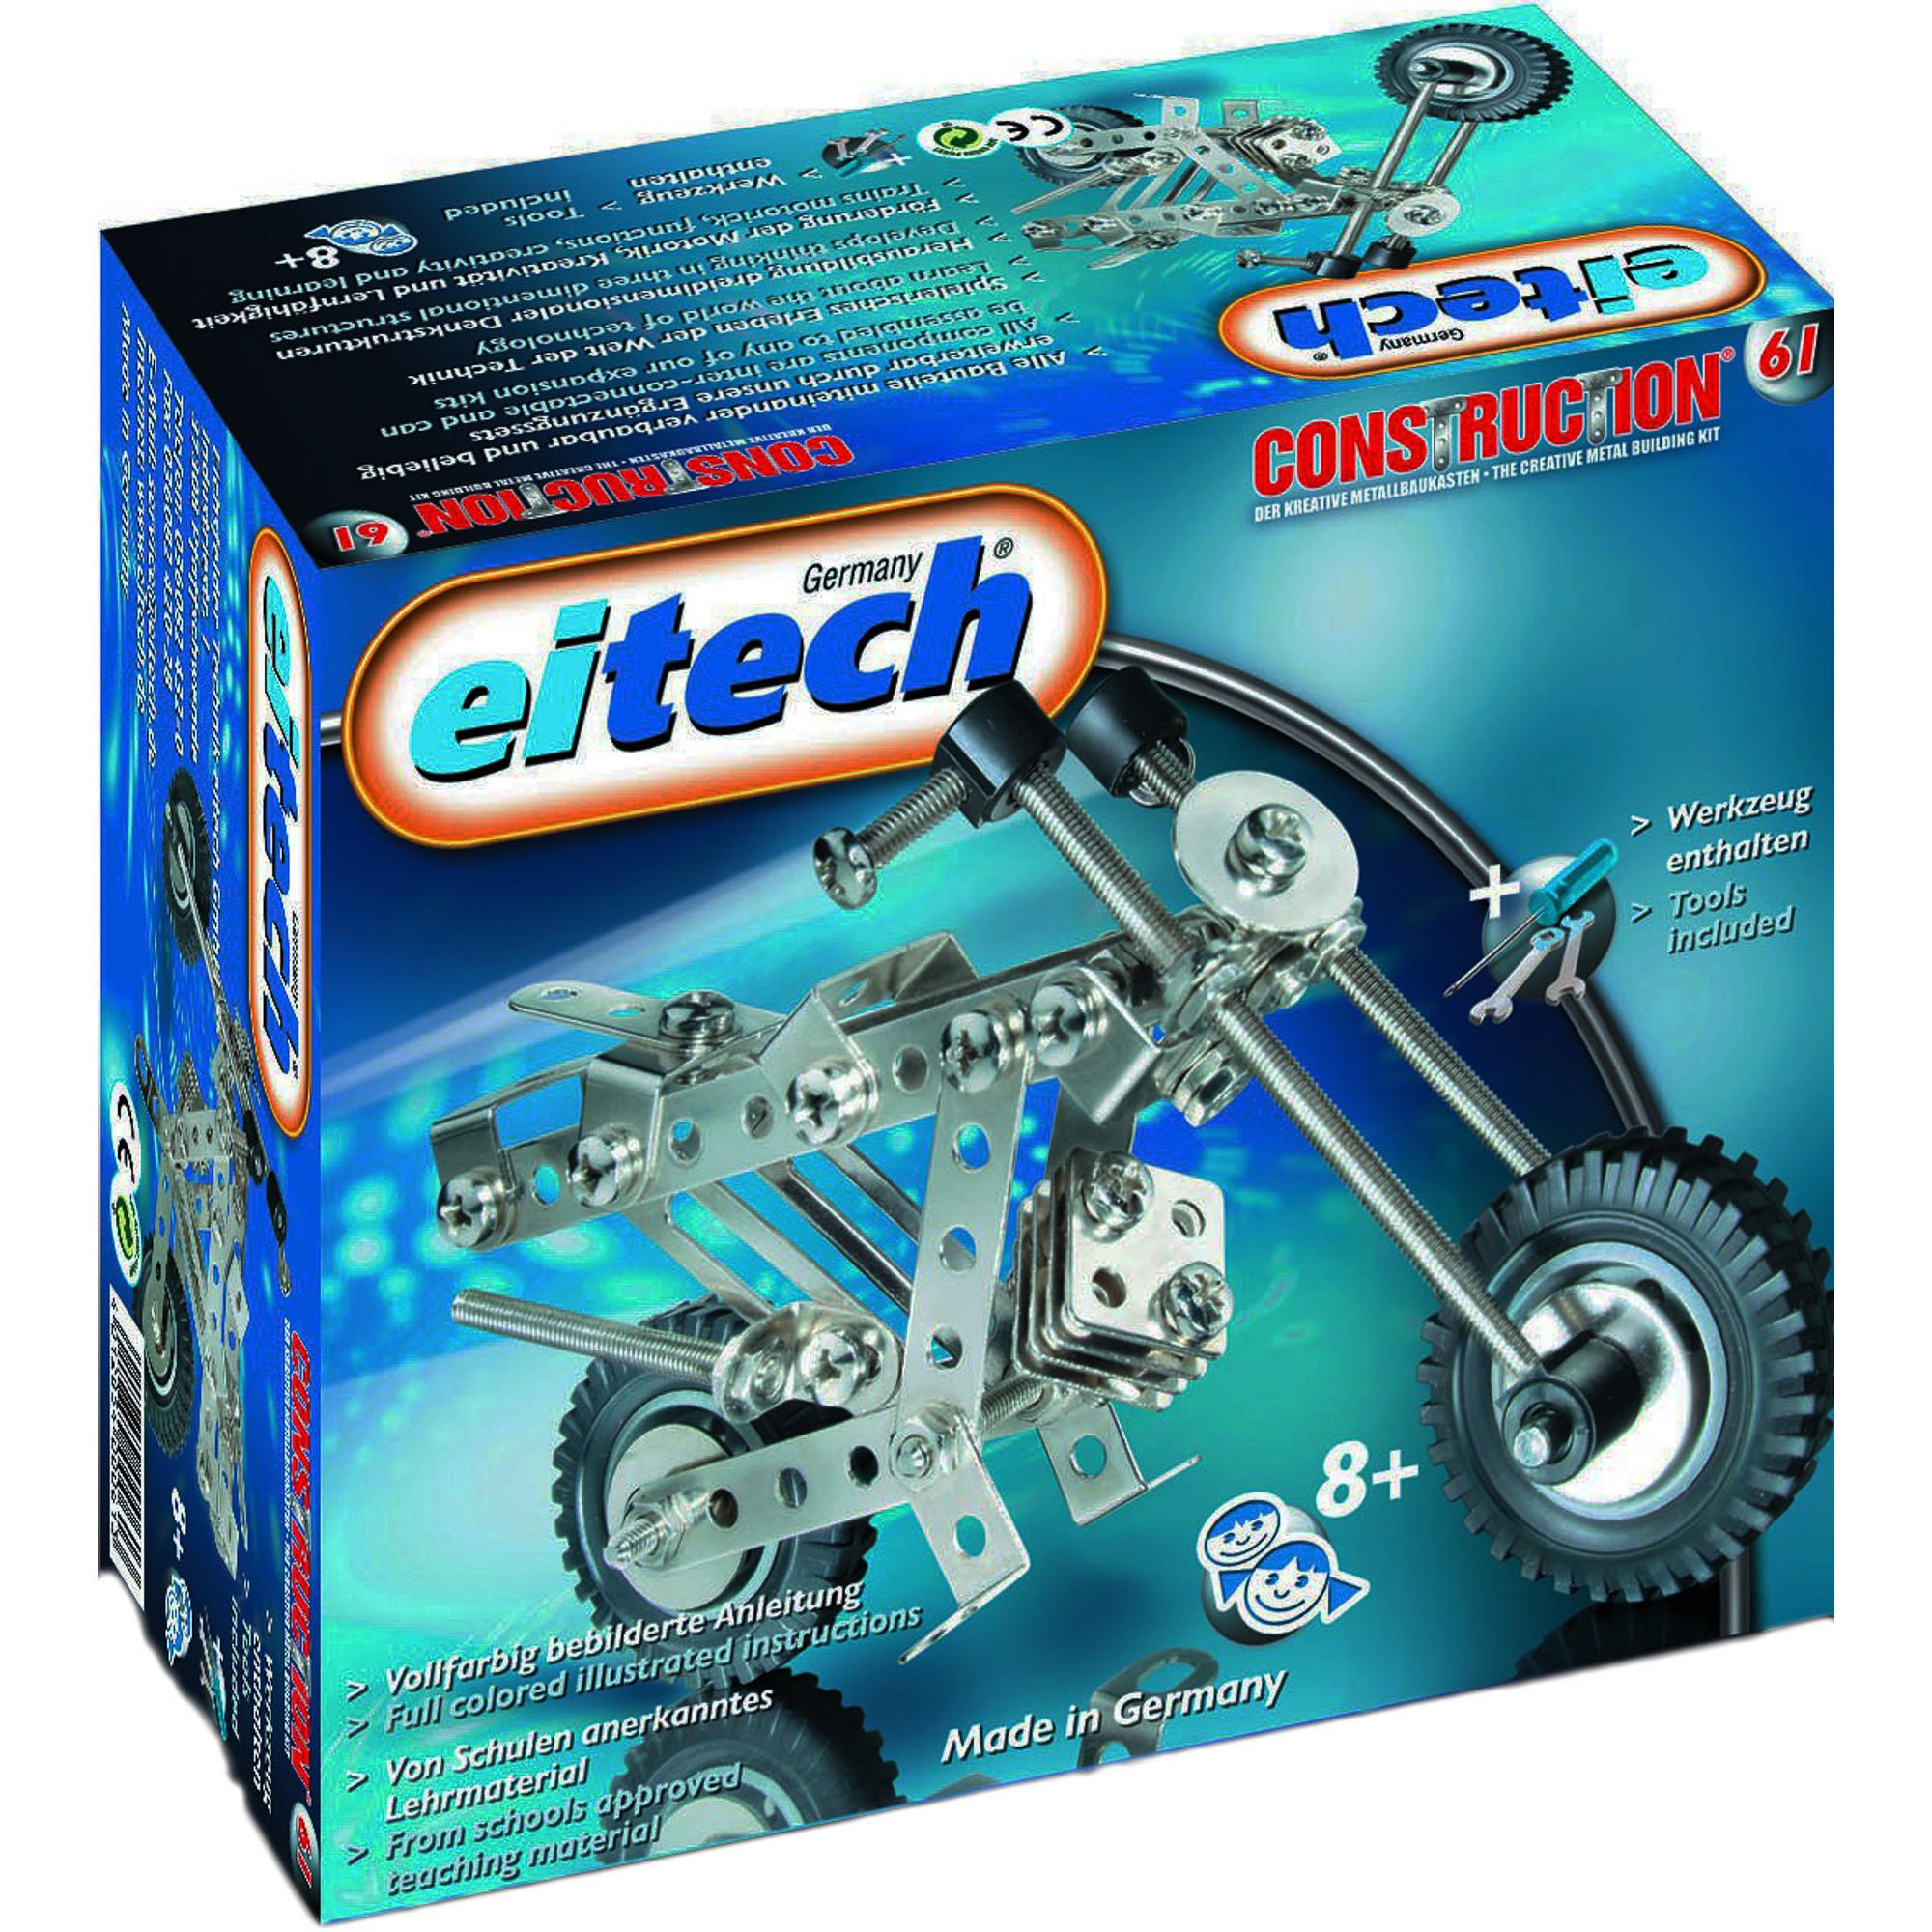 Купить Конструктор Eitech Moto, Германия, металл, для мальчиков, Конструкторы, пазлы